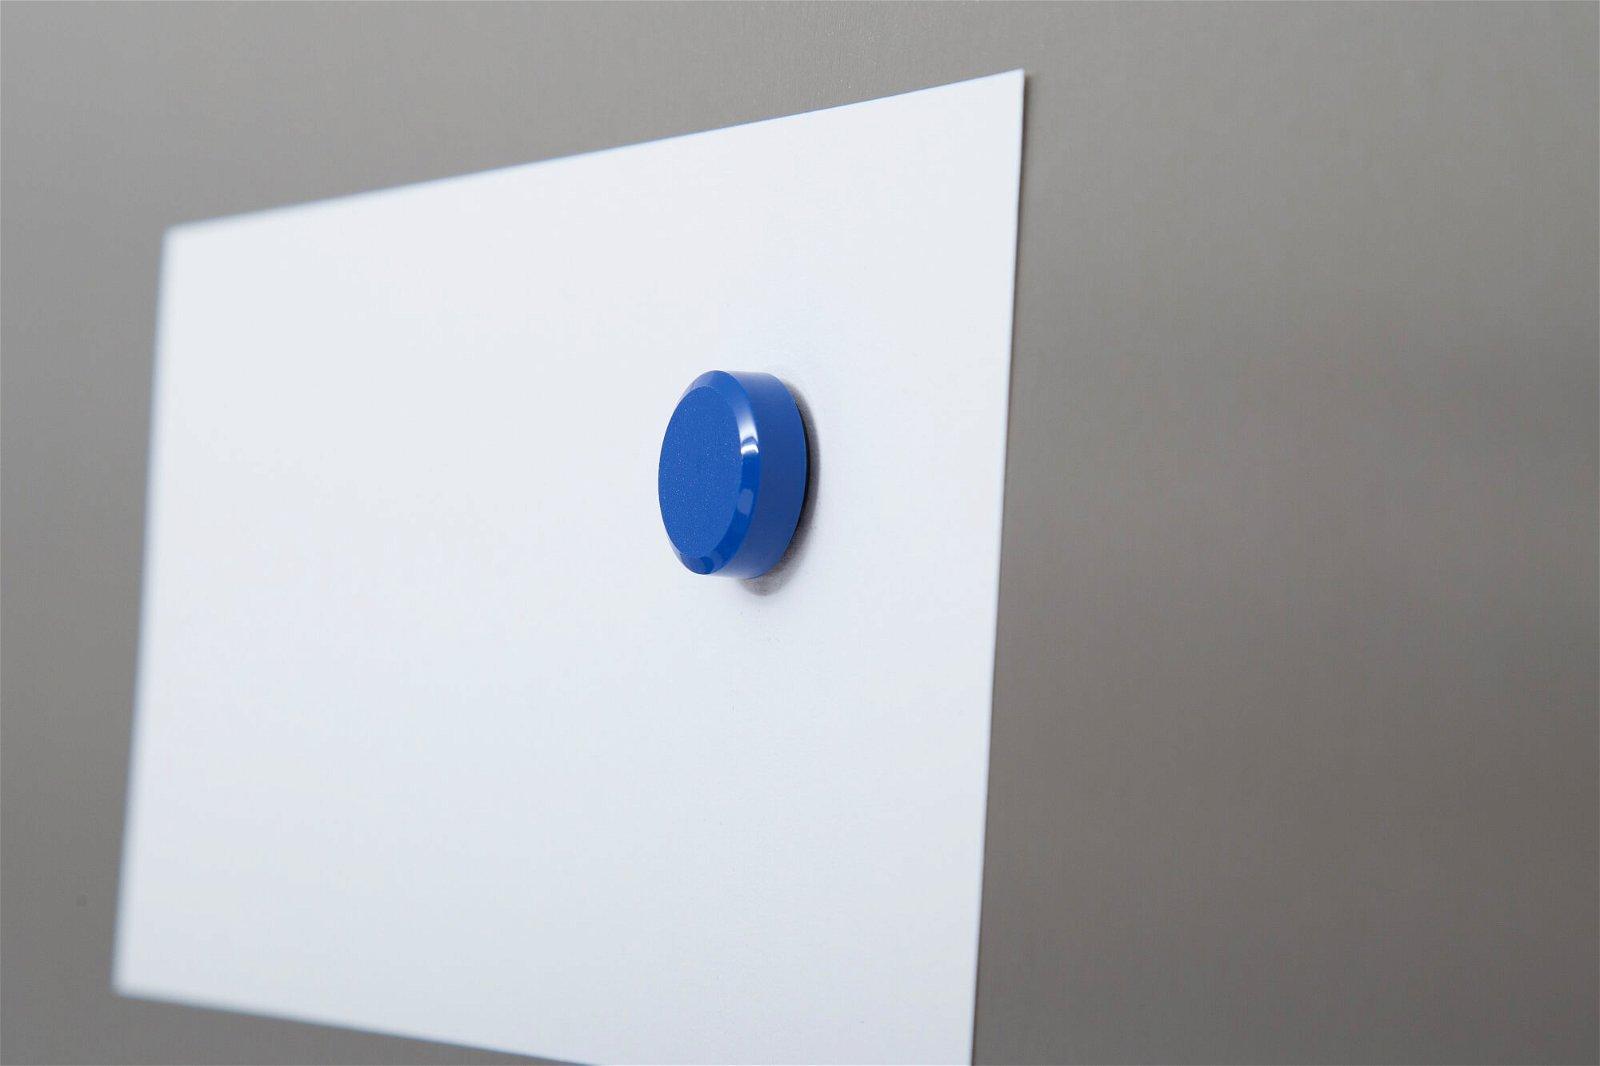 Facetterand-Magnet MAULpro Ø 20 mm, 0,3 kg, 20 St./Set, blau